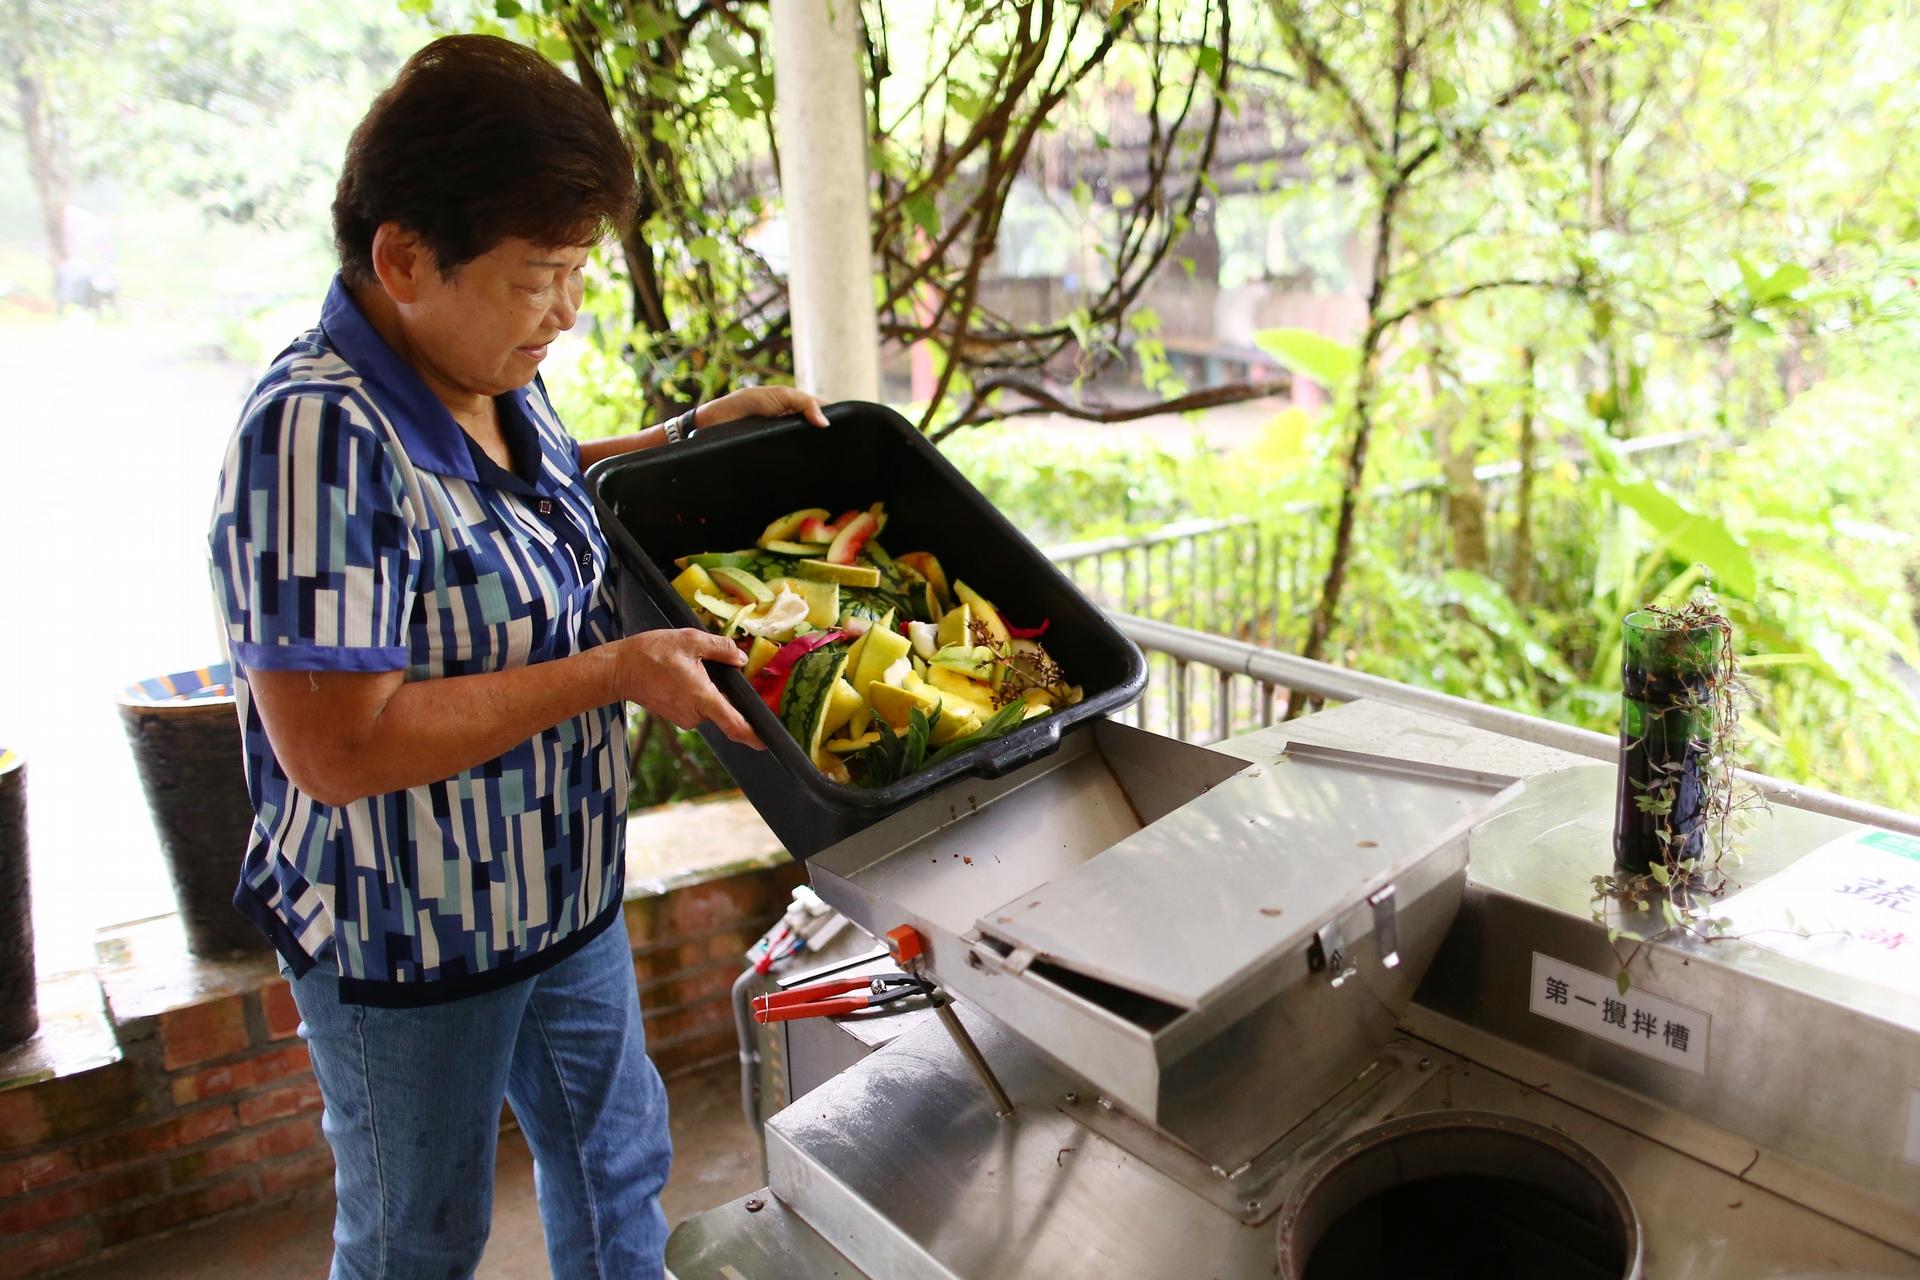 卓陳明將果皮殘渣倒入廚餘處理機中。由於遊客在享用農場內種植的蔬果作物食材後,同時也產生許多廚餘或剩食問題,部分廚餘可用於農場禽畜動物飼養之用,其他則是應用花蓮農改場研發的廚餘雙槽處理機將廚餘細碎化、瀝油瀝水、攪拌乾燥,每日可將1.5公斤廚餘製作成約0.5至1公斤無味的粉狀堆肥,將之與有機質肥料混拌後則再度施用於農場的土壤中,提供作物生長的養分,達到循環利用效益。(攝影:林韋言)